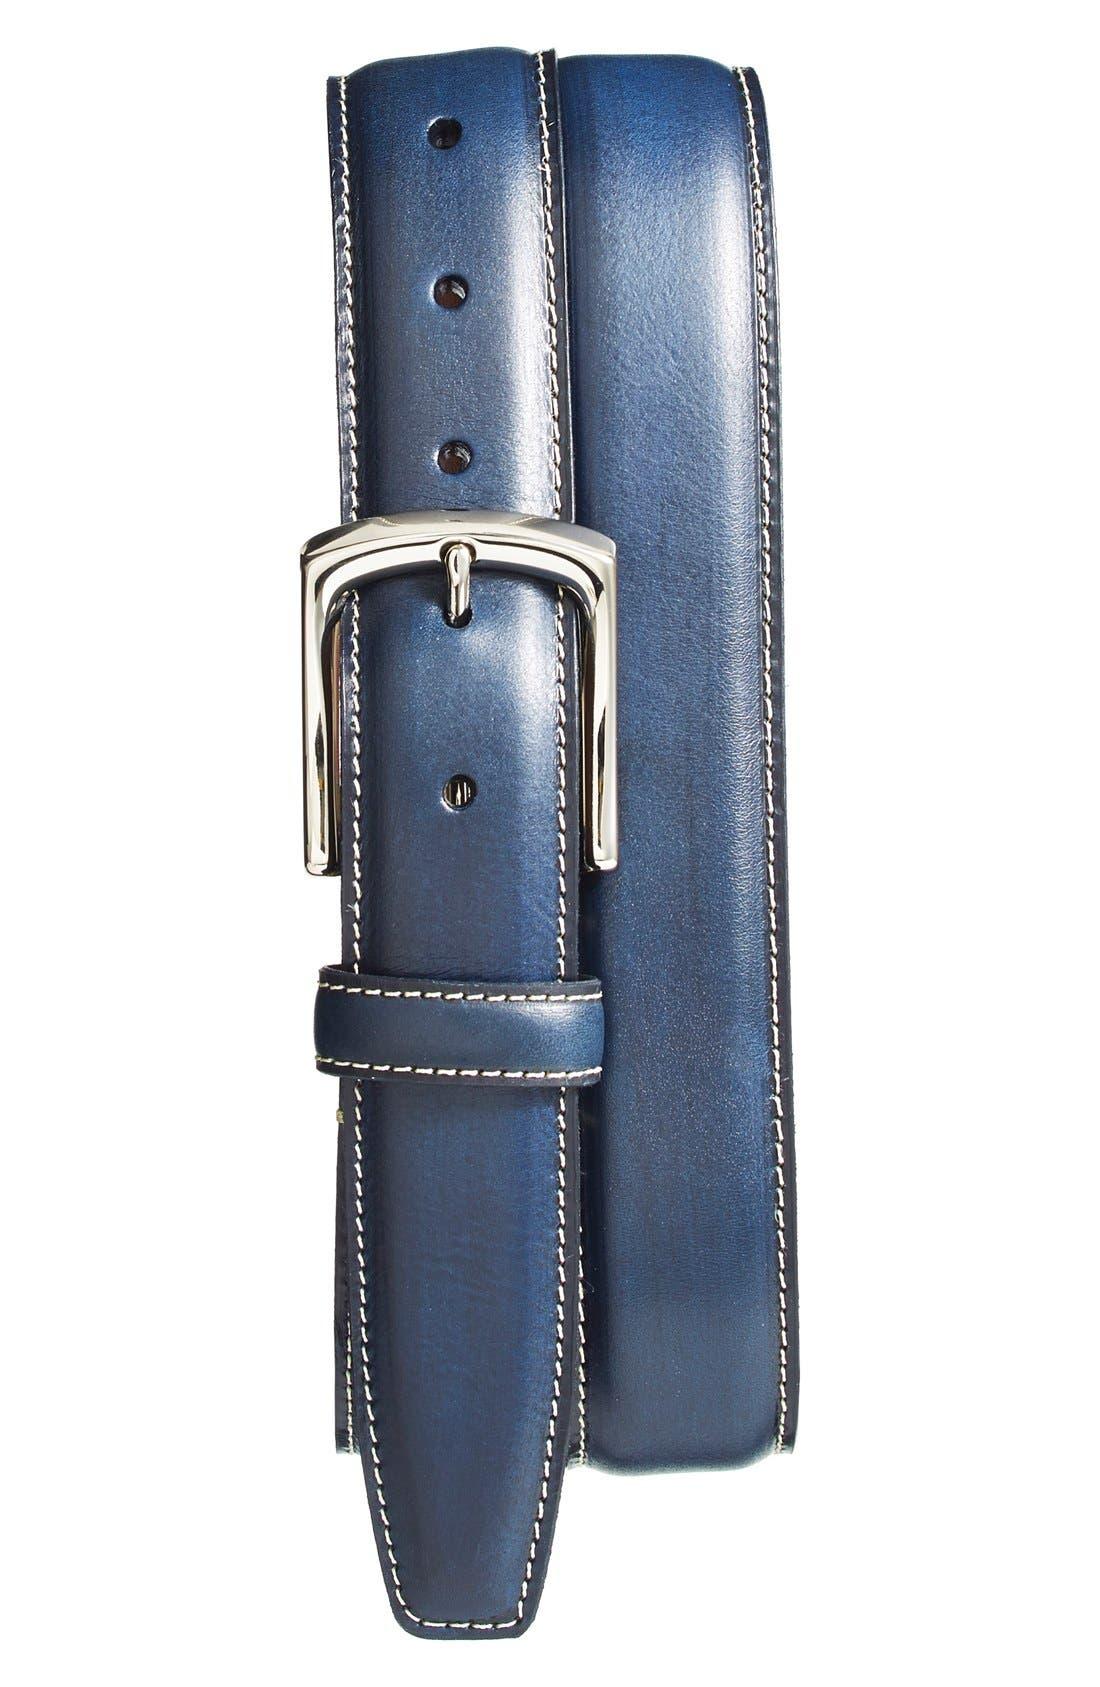 Main Image - Torino Belts Burnished Leather Belt